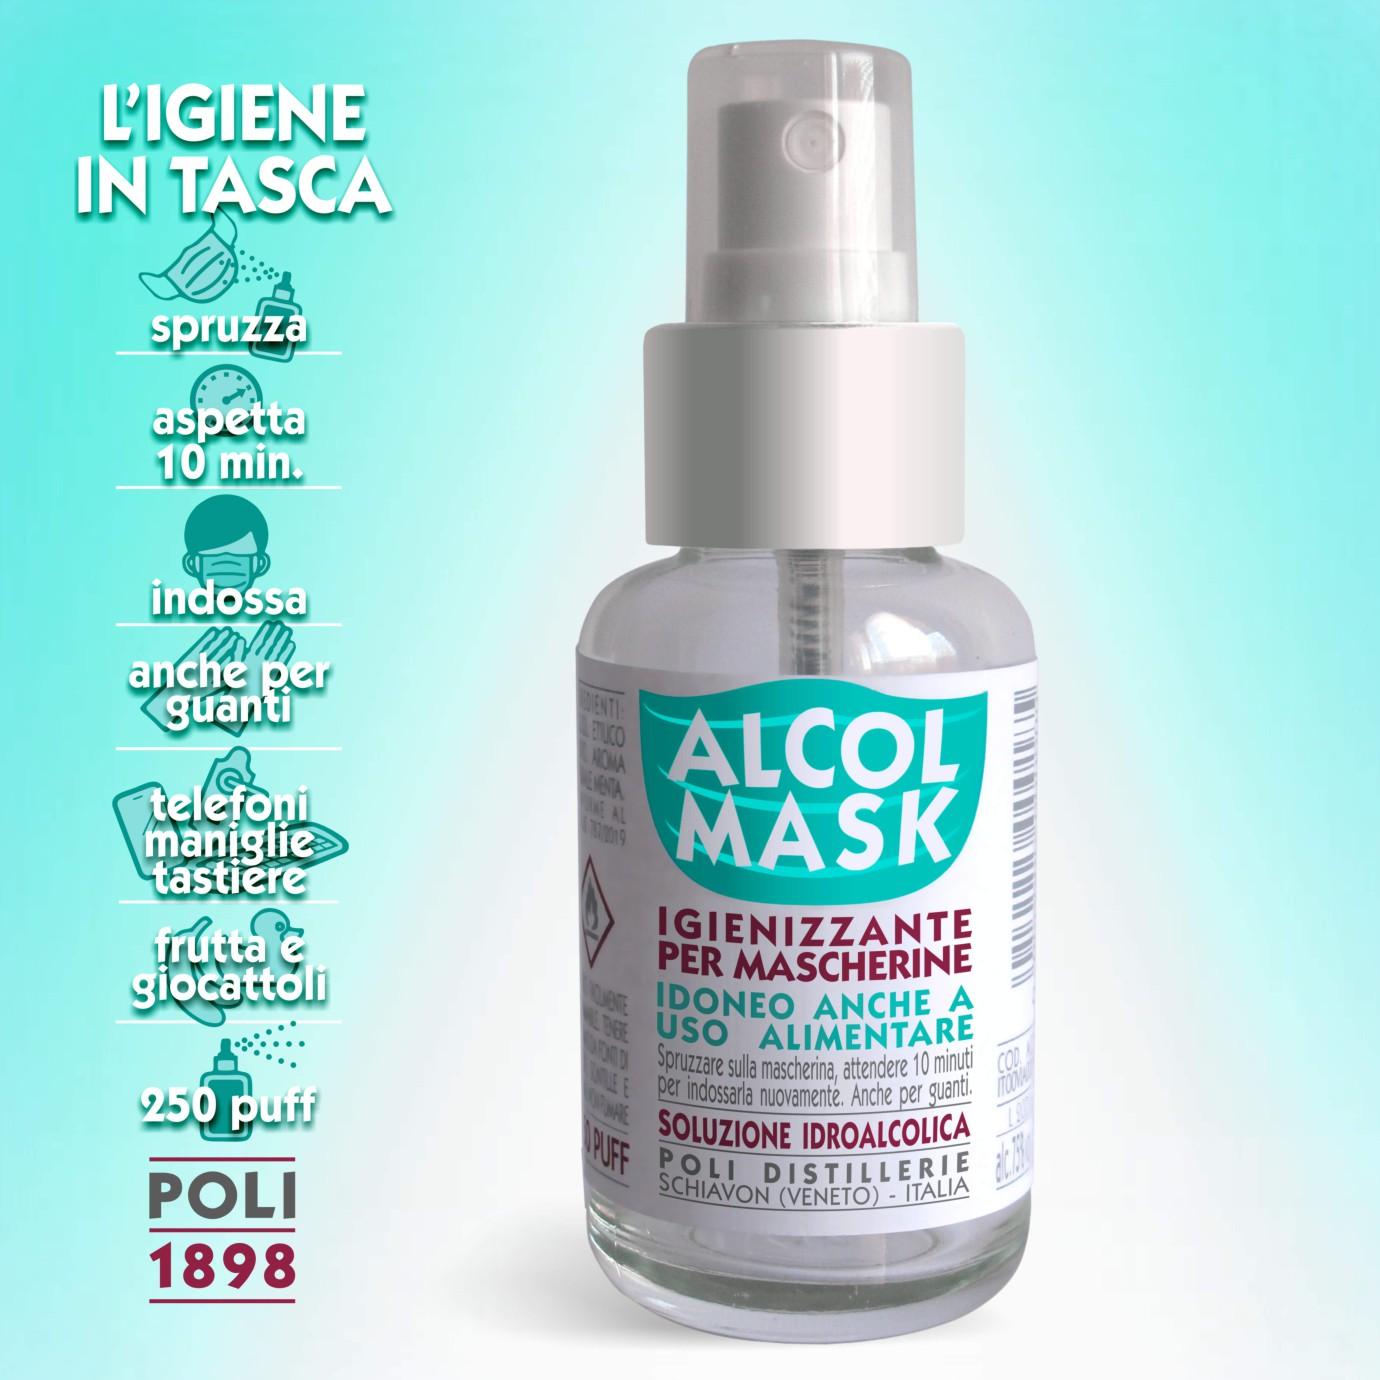 Trattamento Legno Per Uso Alimentare alcol mask: dalle poli distillerie lo spray per il